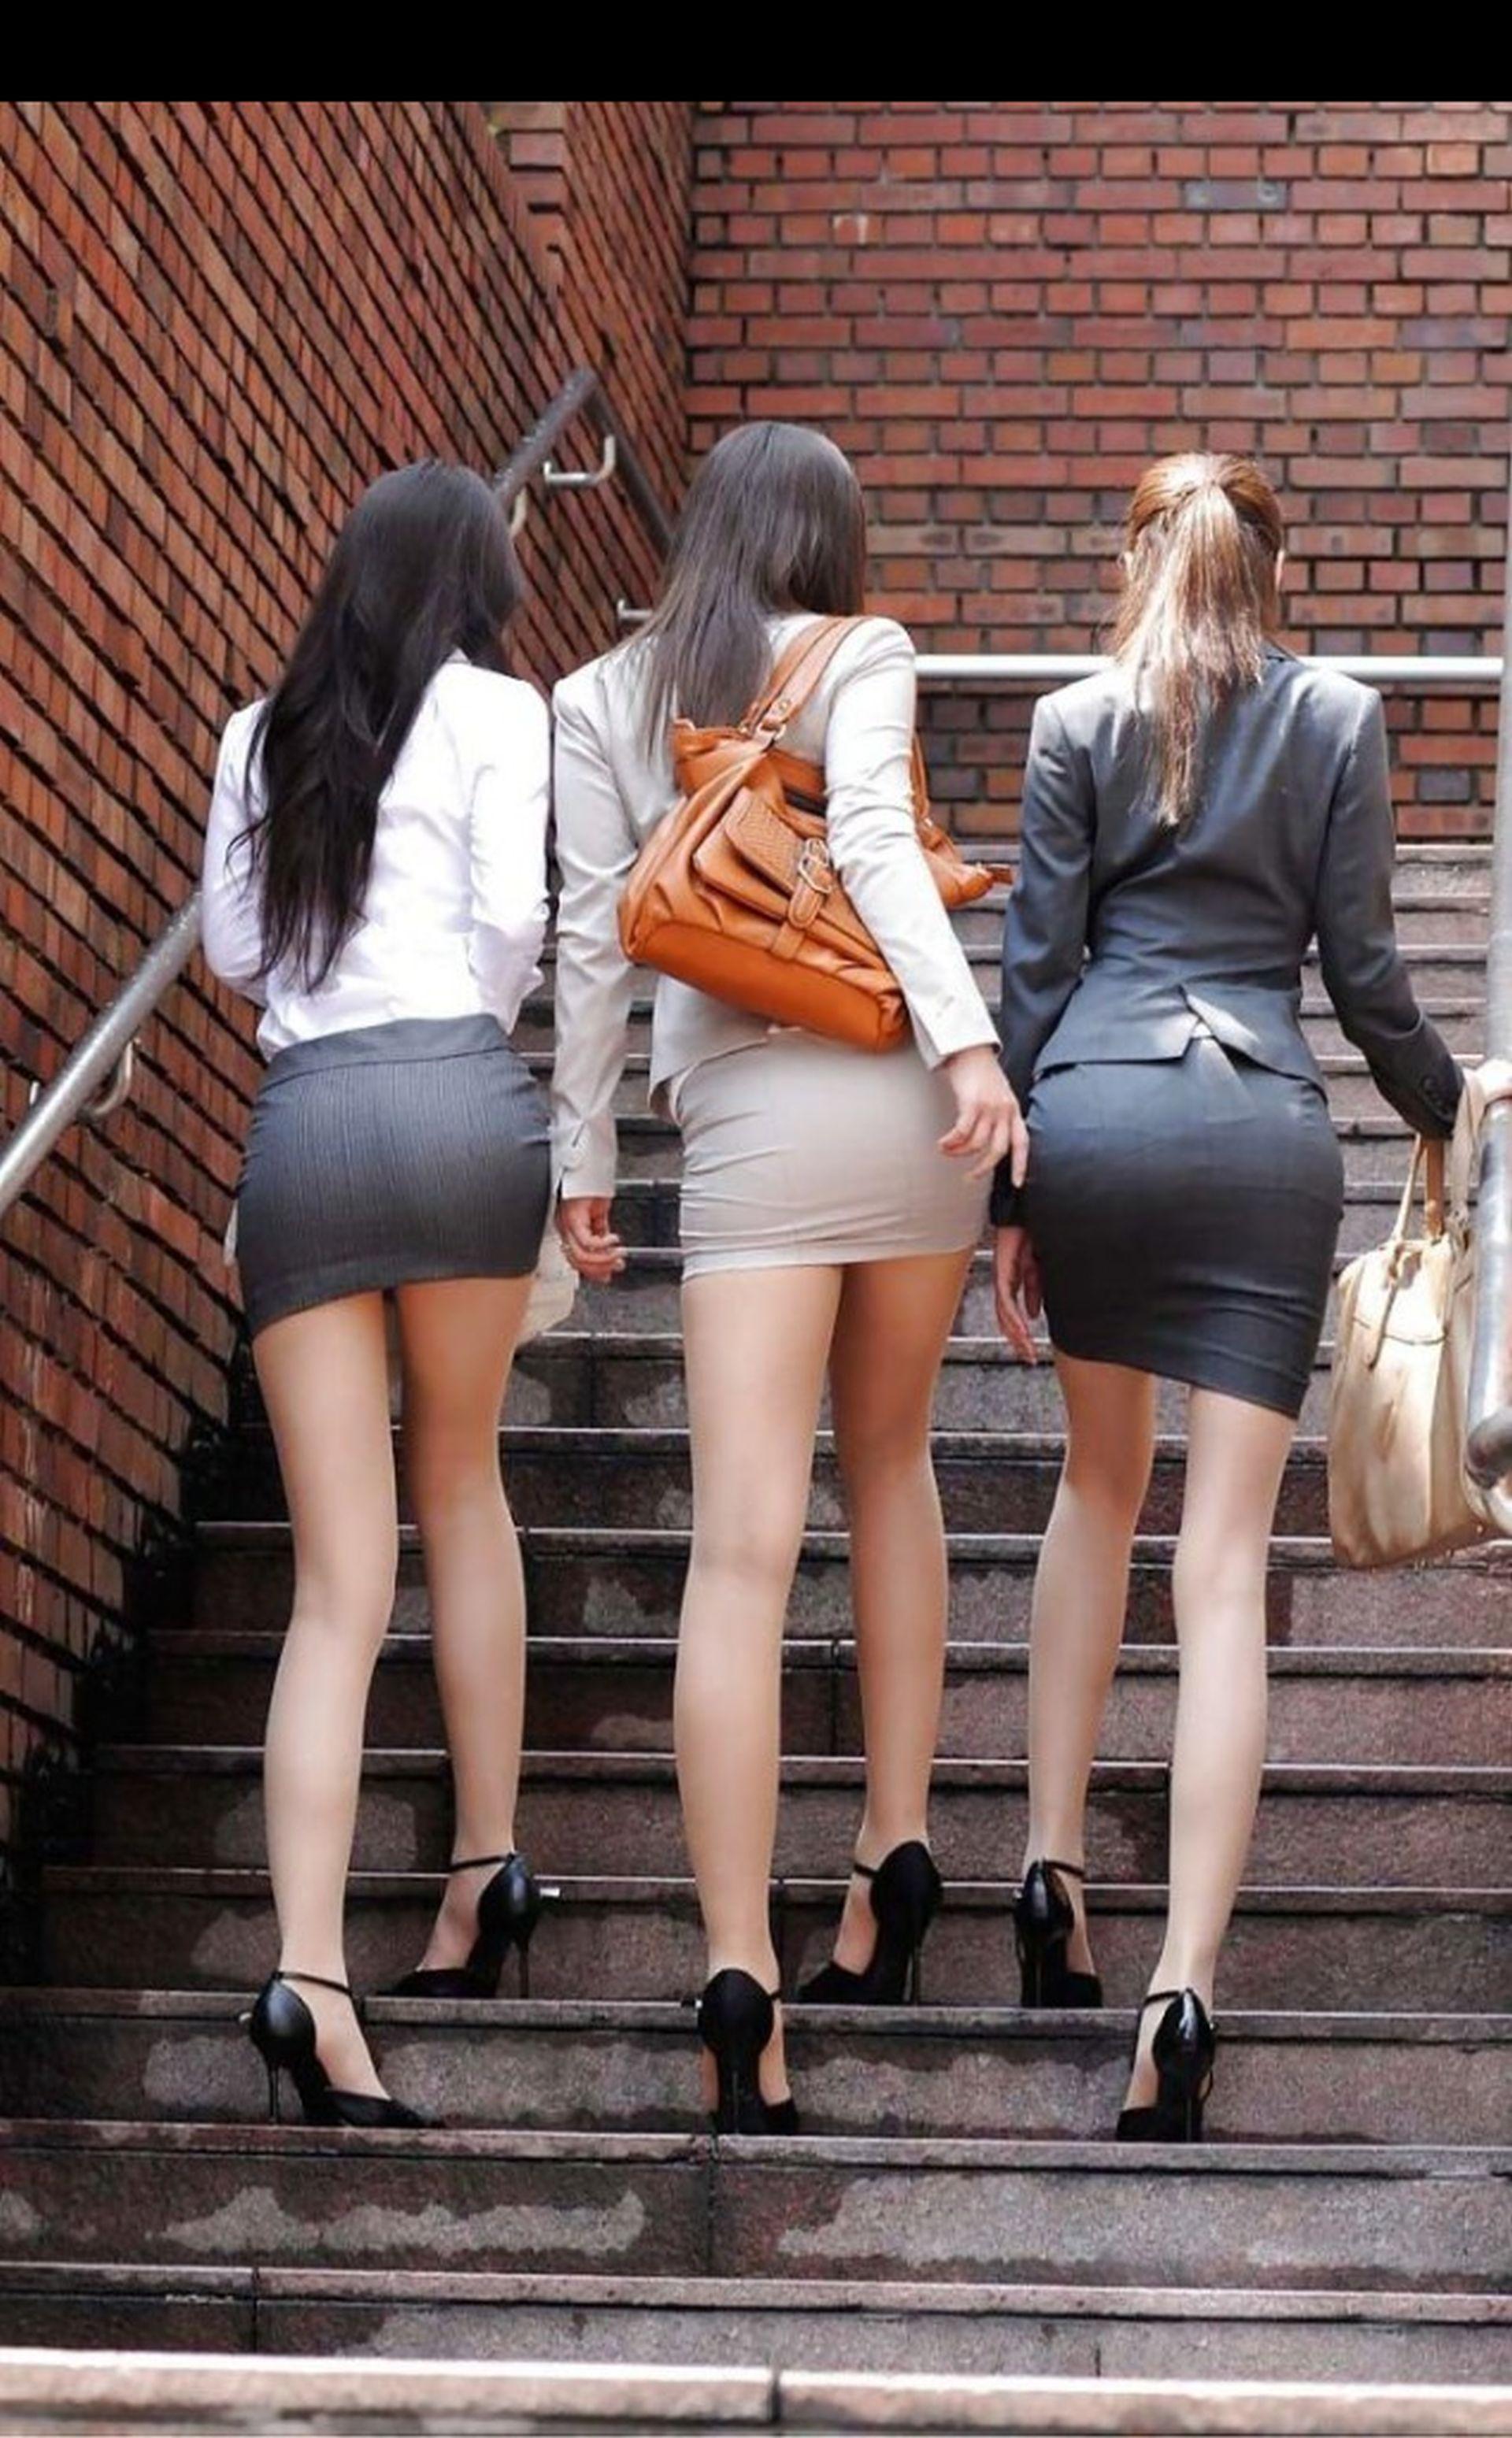 девушки в обтягивающих юбках фото